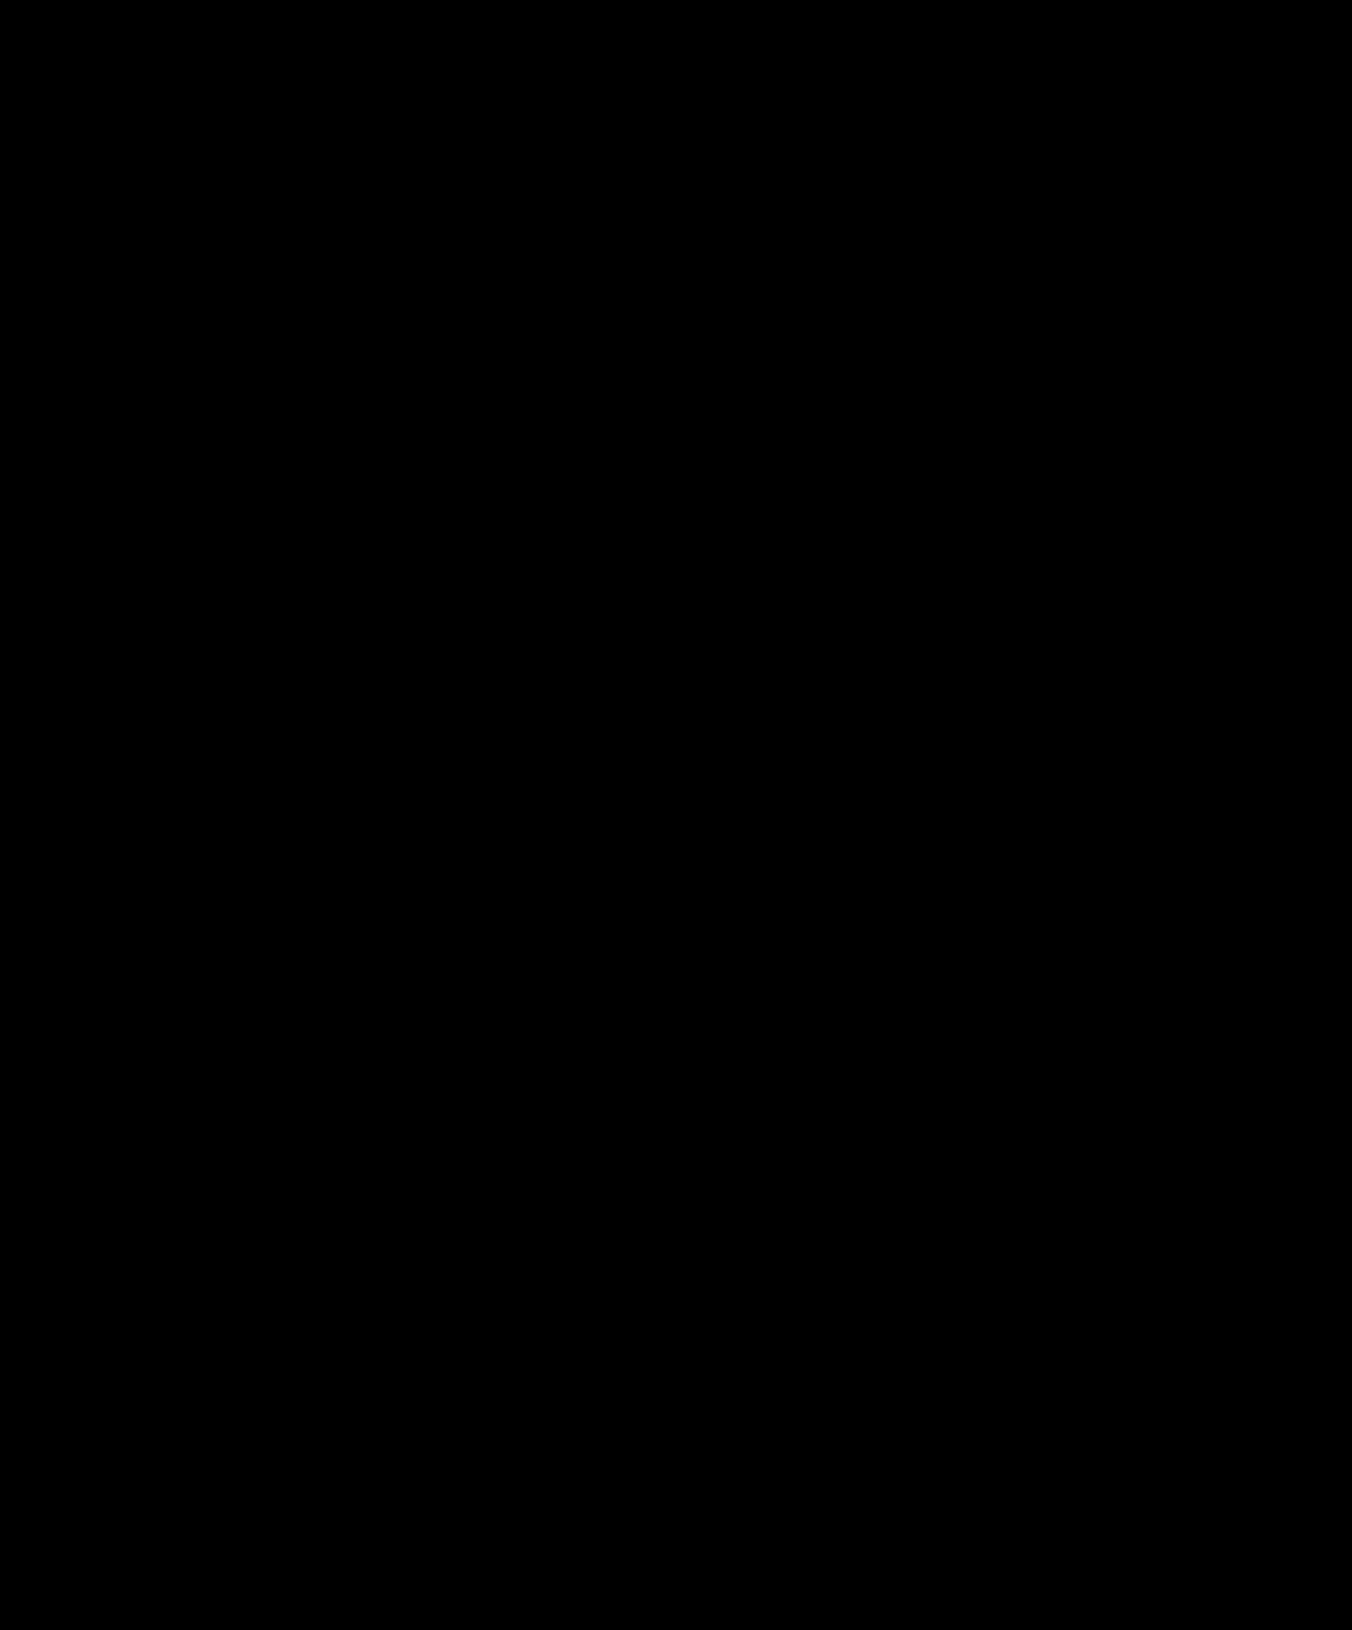 功群水晶铃 Glary Taibolo Diabolo